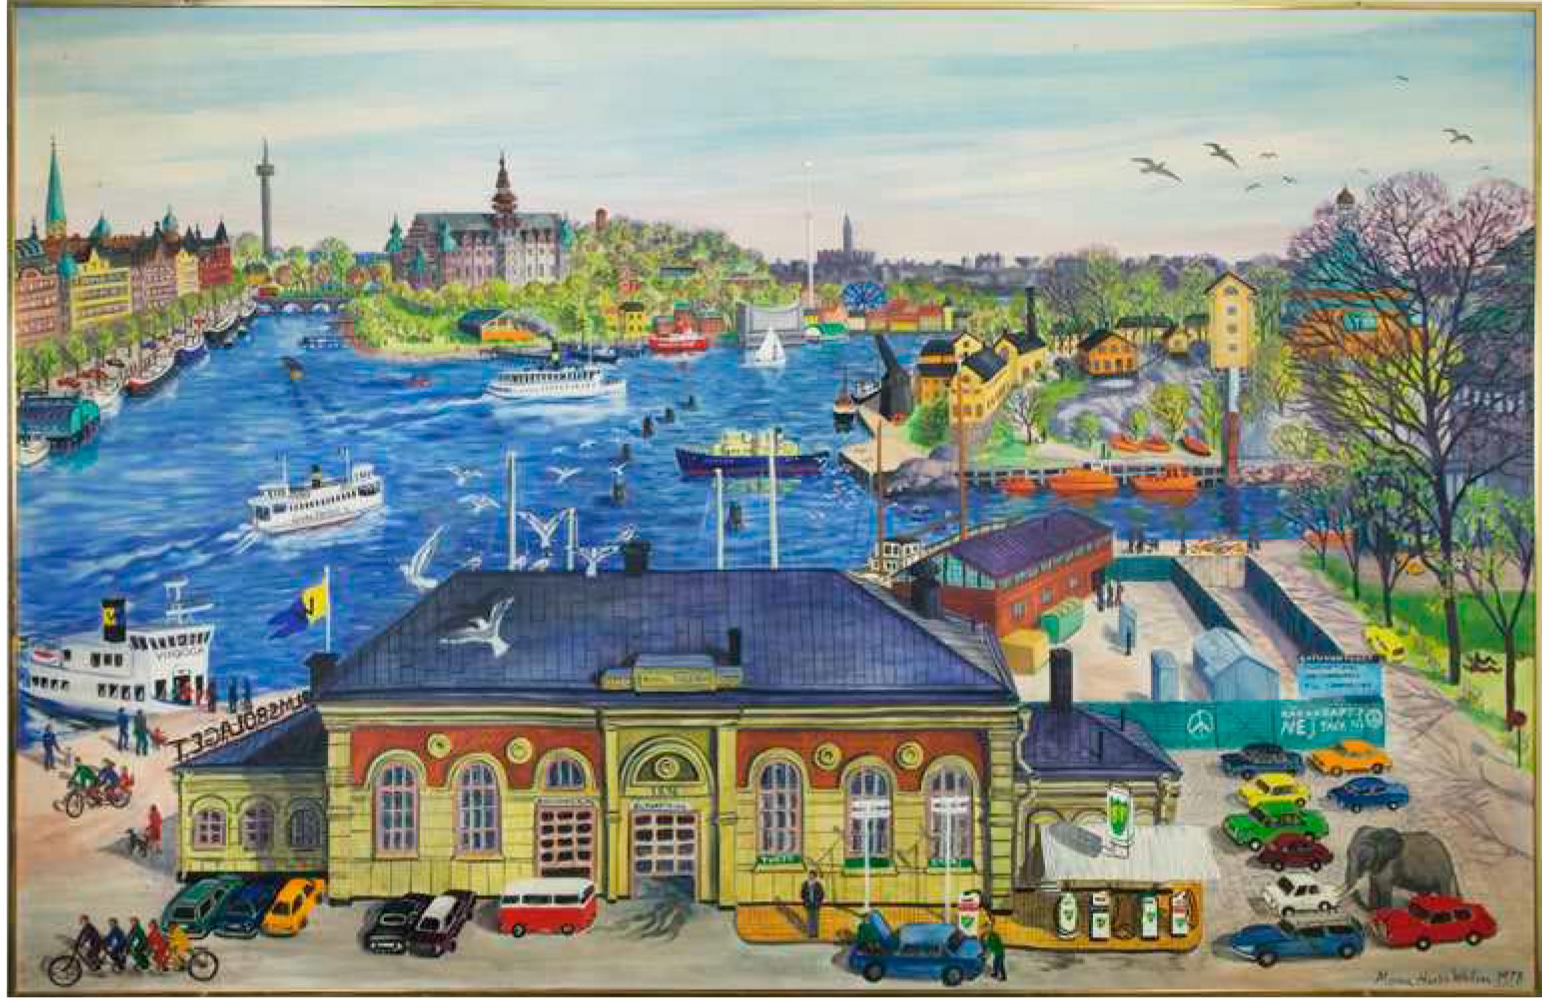 Söndags-Stockholm, utsikt från Hovslagargatan 5. Oljemålning av Mona Huss Valin 1978. Finns med i Nils Ahlbergs remissvar.